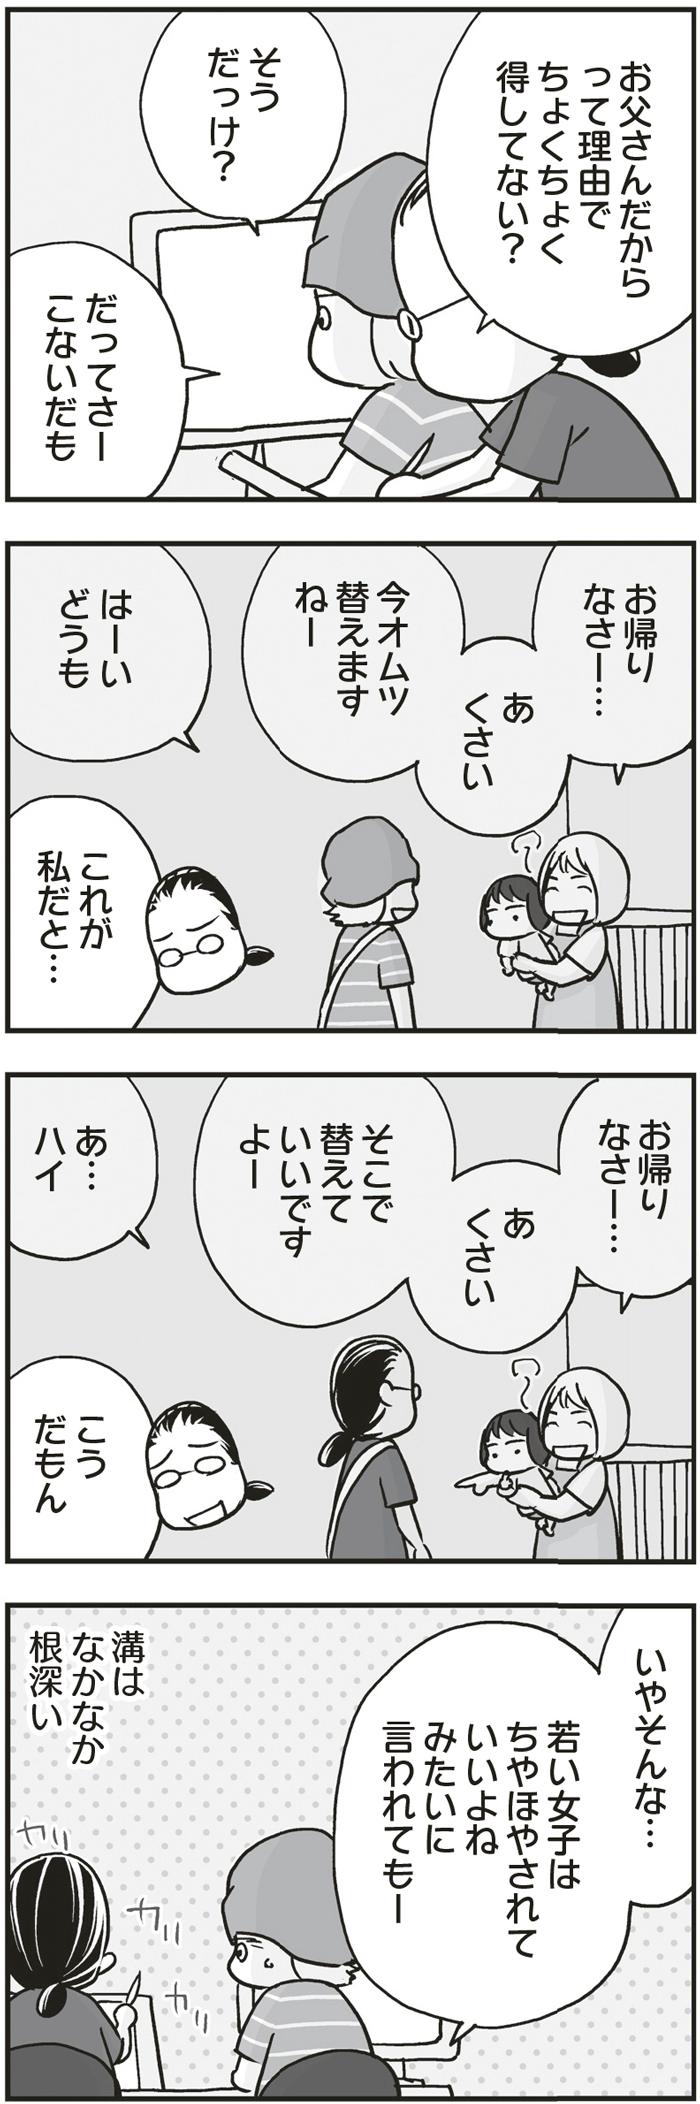 """""""イクメン""""と言われてモヤモヤ…パパが感じる「育児の壁」とは?の画像11"""